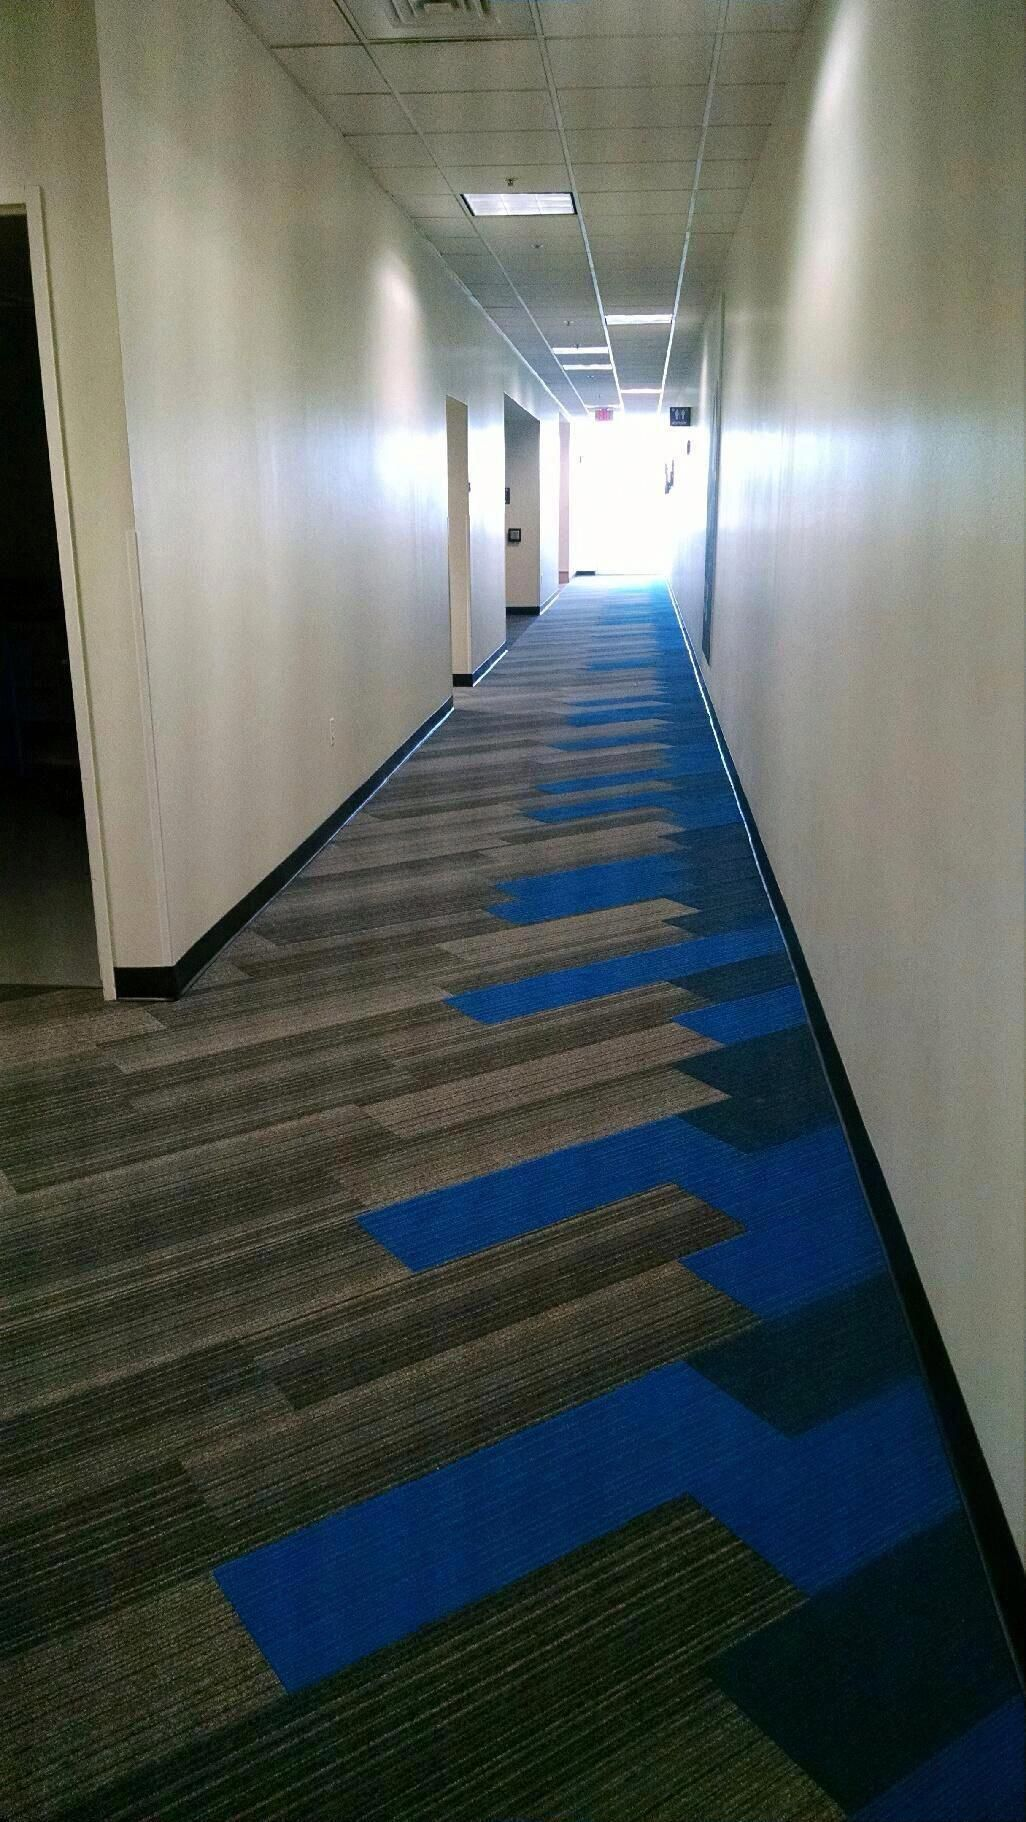 Carpet Runners Walmart Canada Carpetrunnerslosangeles Id